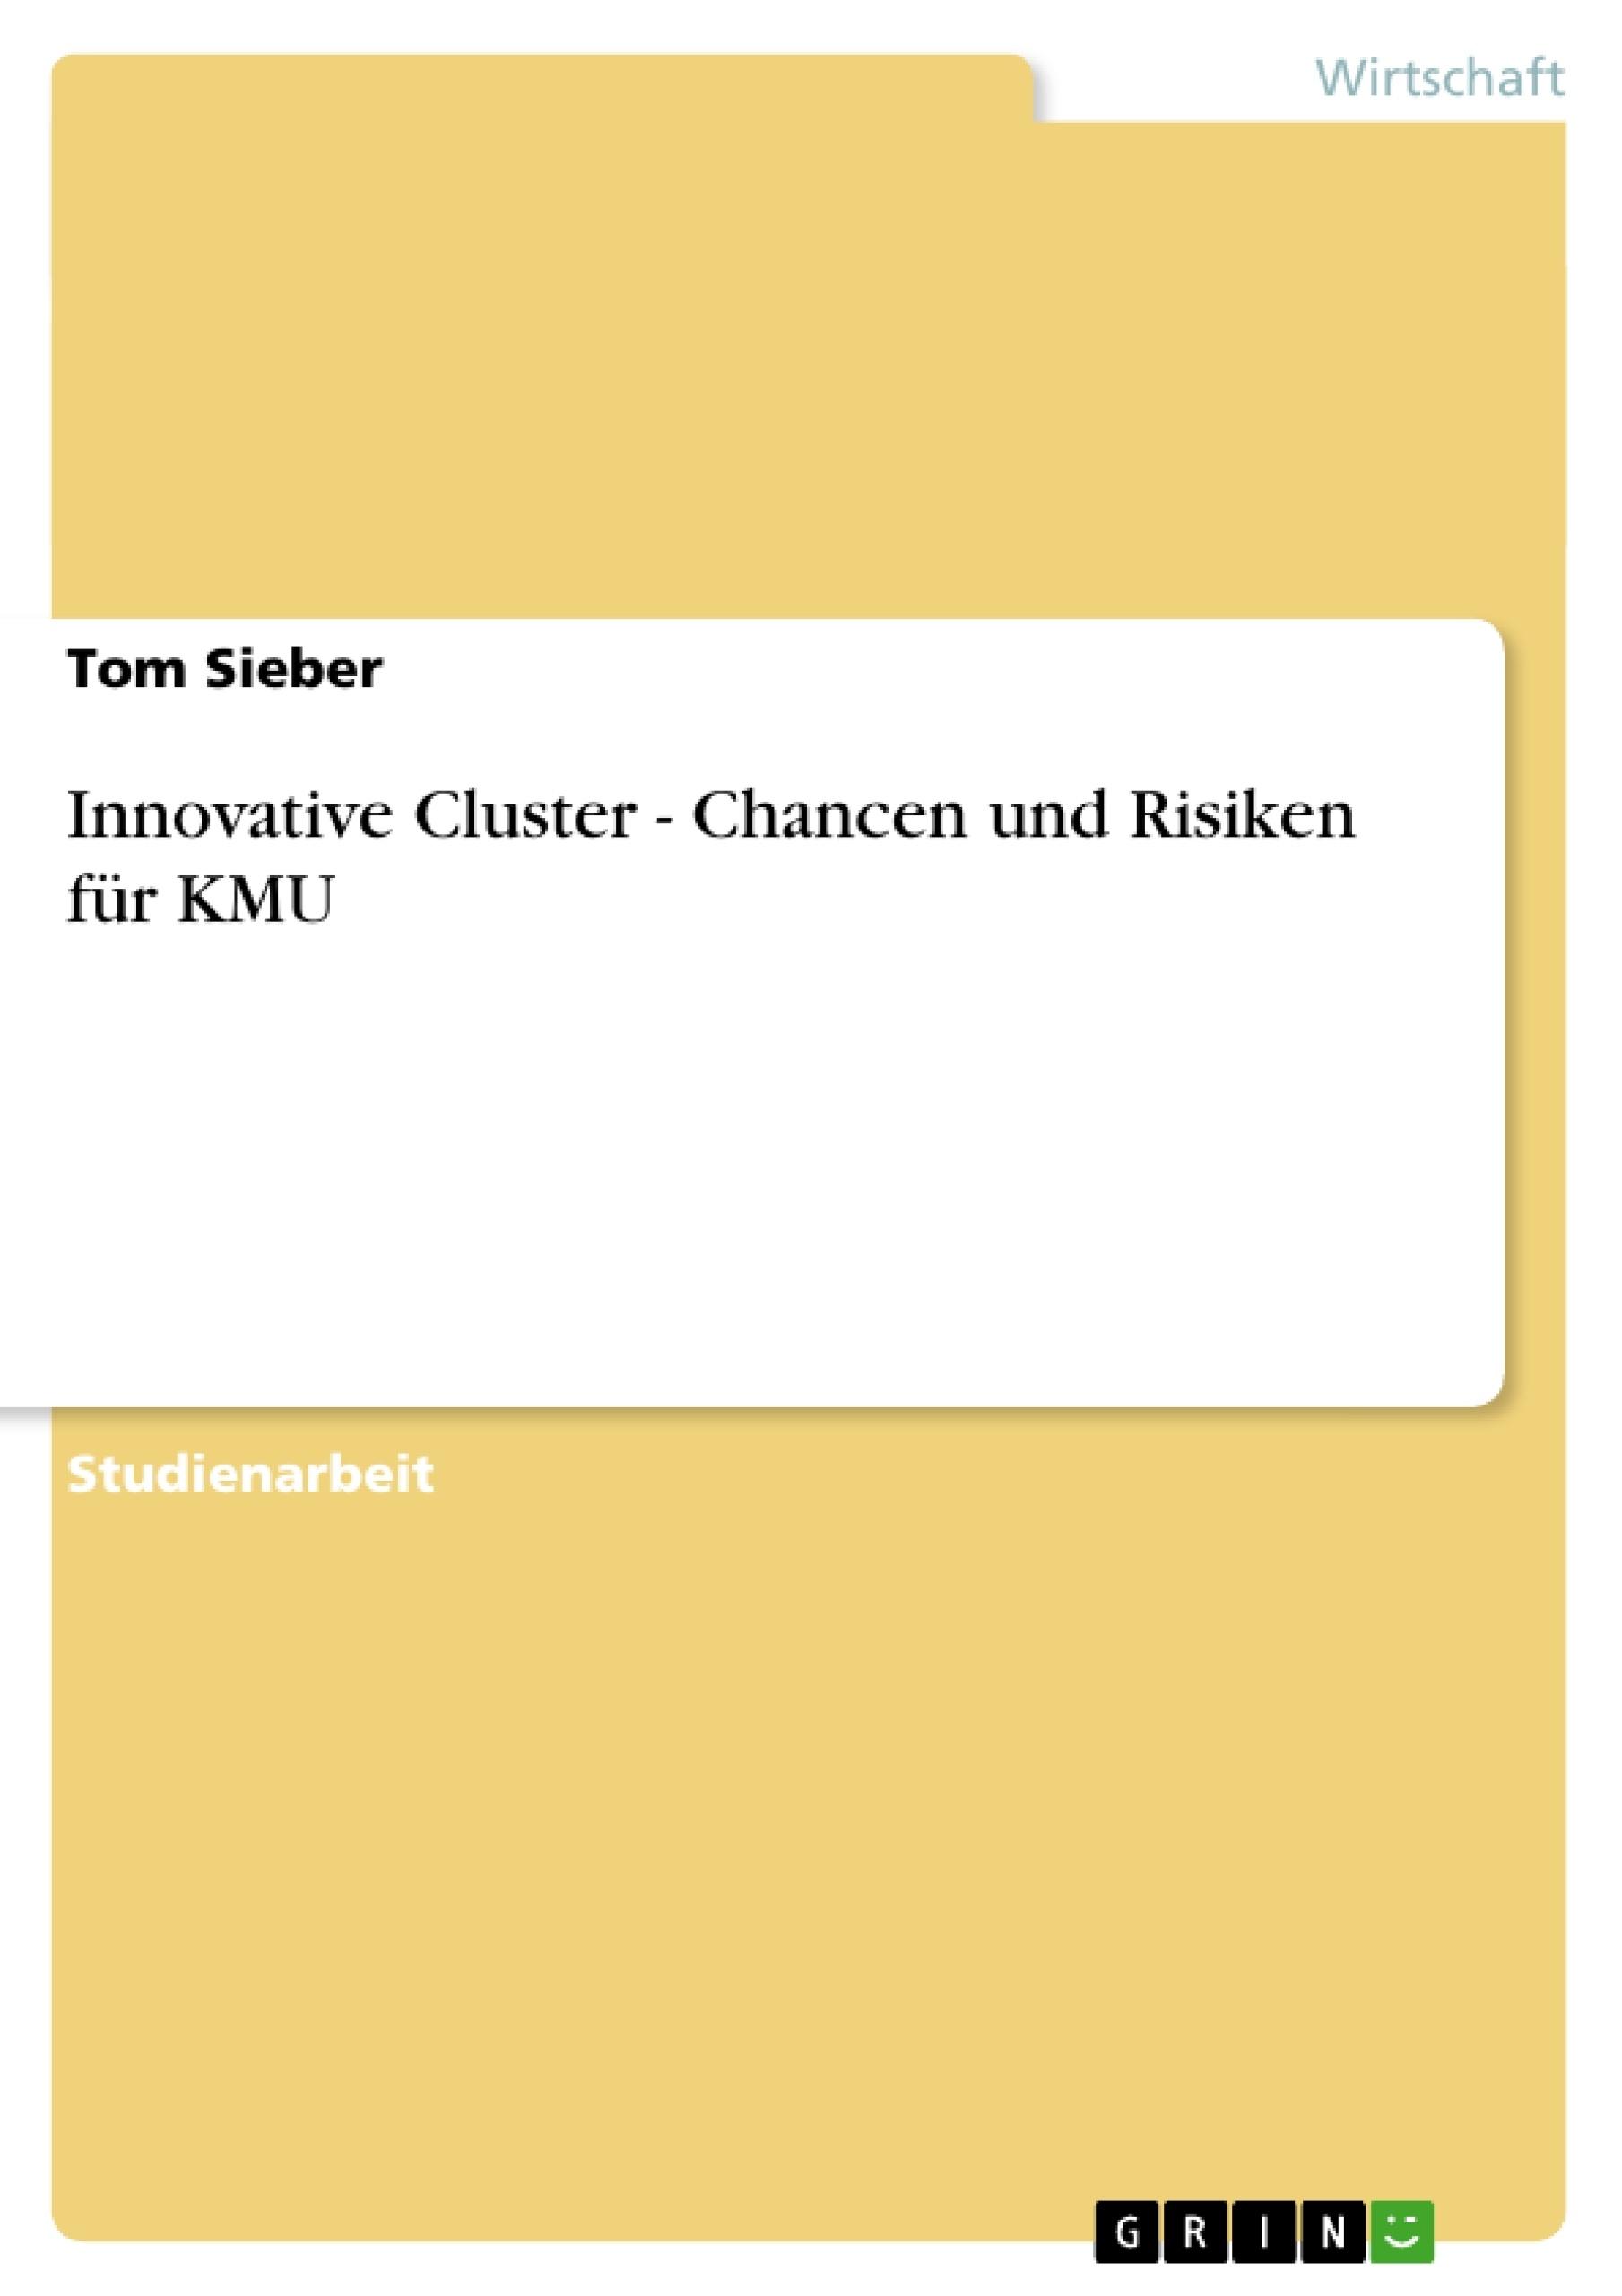 Titel: Innovative Cluster - Chancen und Risiken für KMU